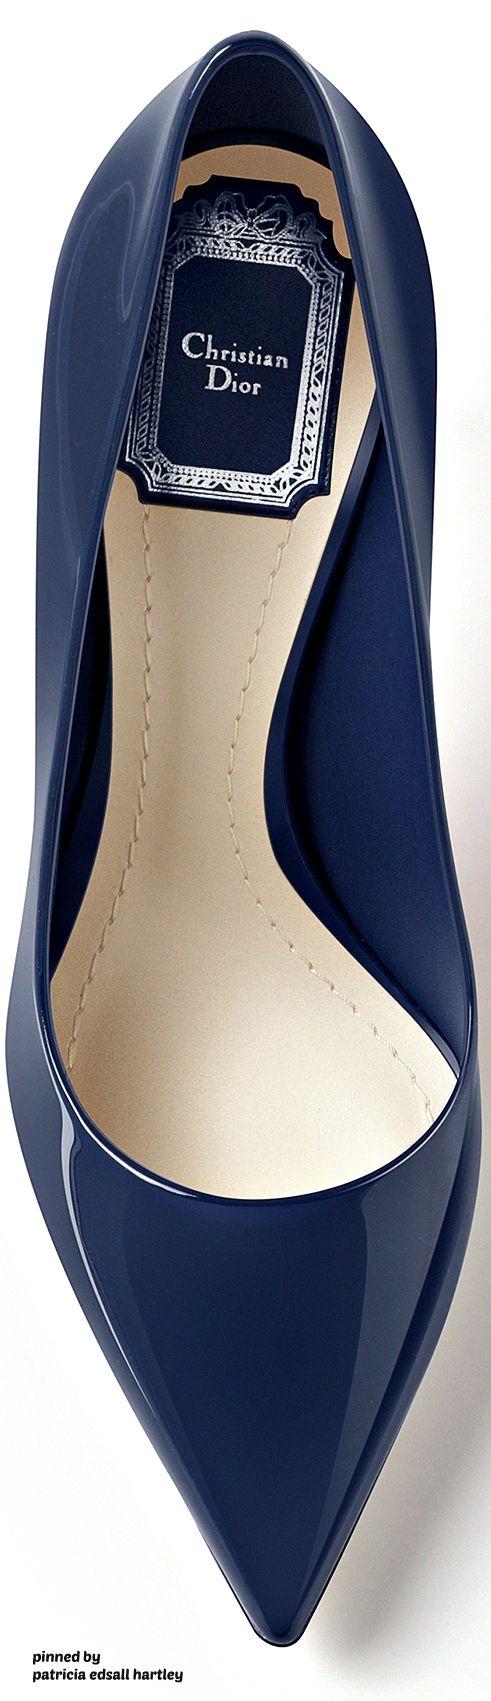 Dior Navy Blue Patent Calfskin Pump 2016